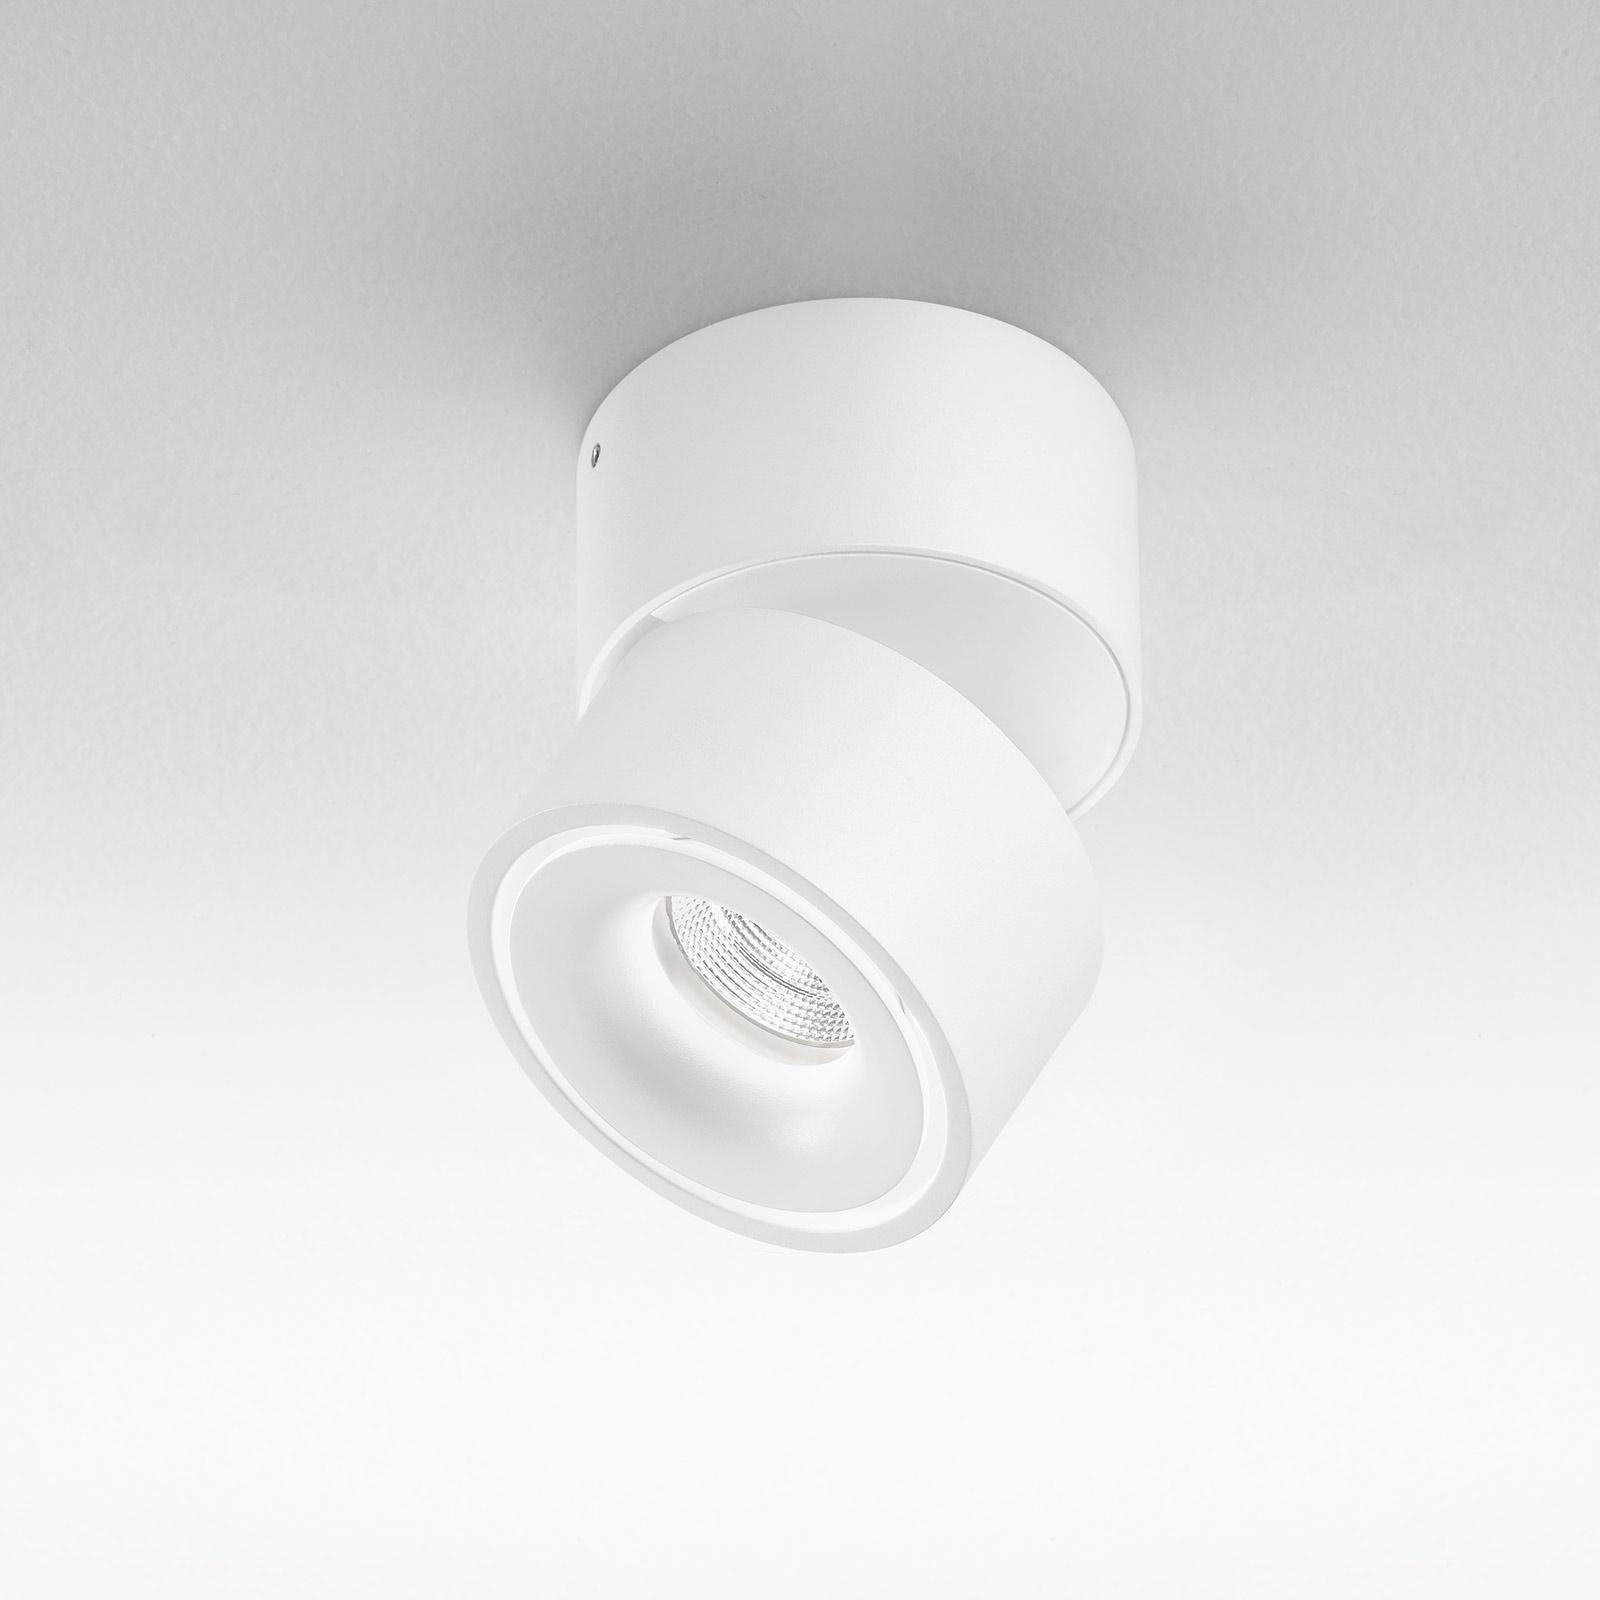 Egger Clippo LED-Schienenspot dim-to-warm weiß